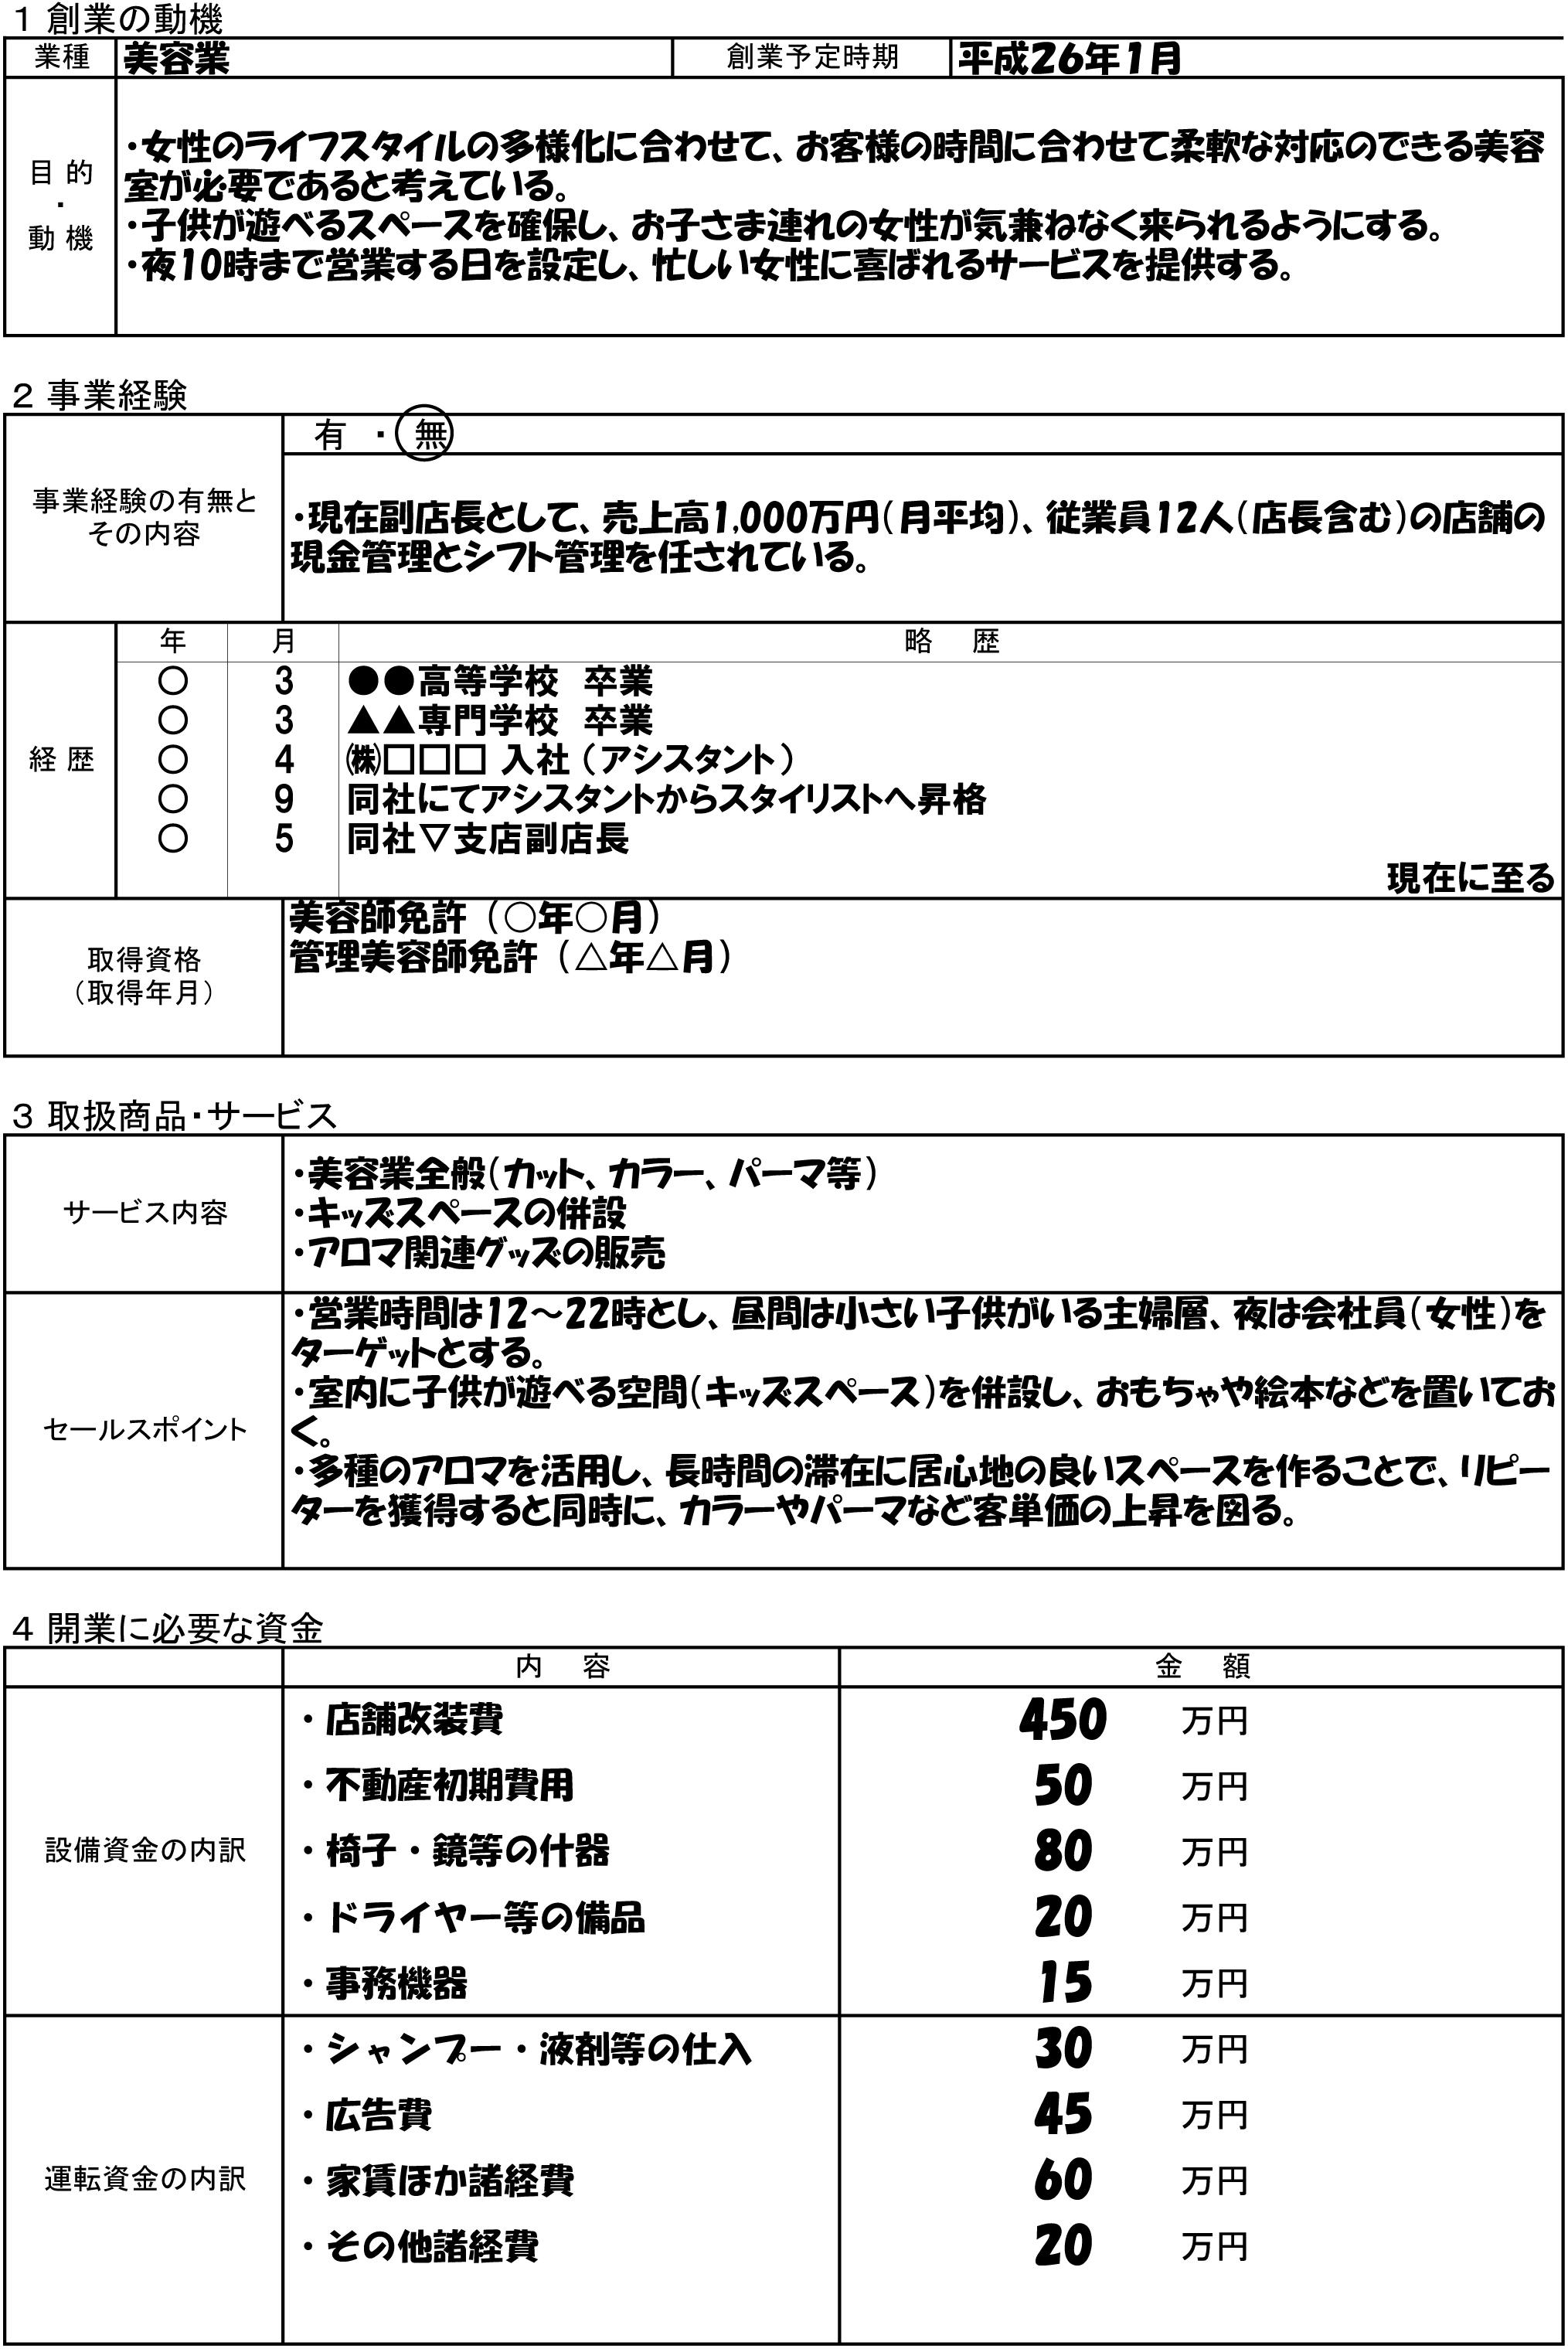 美容業新規企業における事業計画書